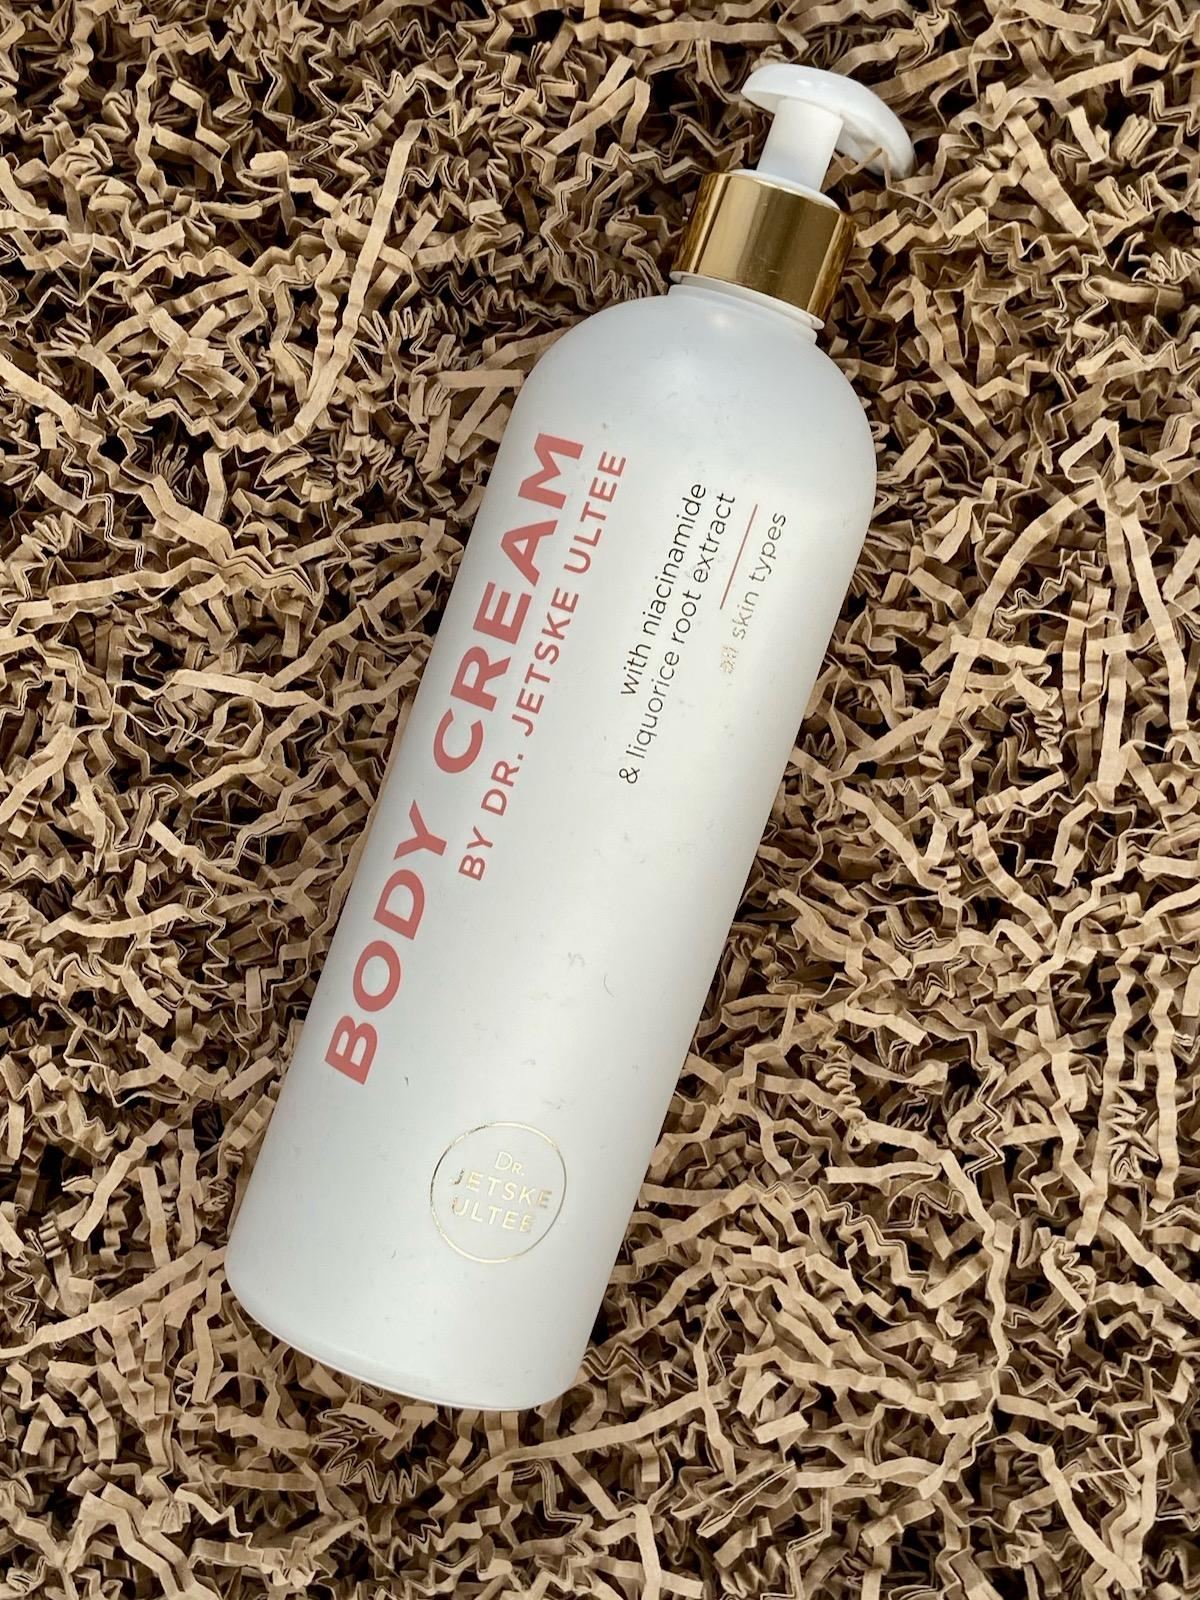 Uncover Skincare Body Cream